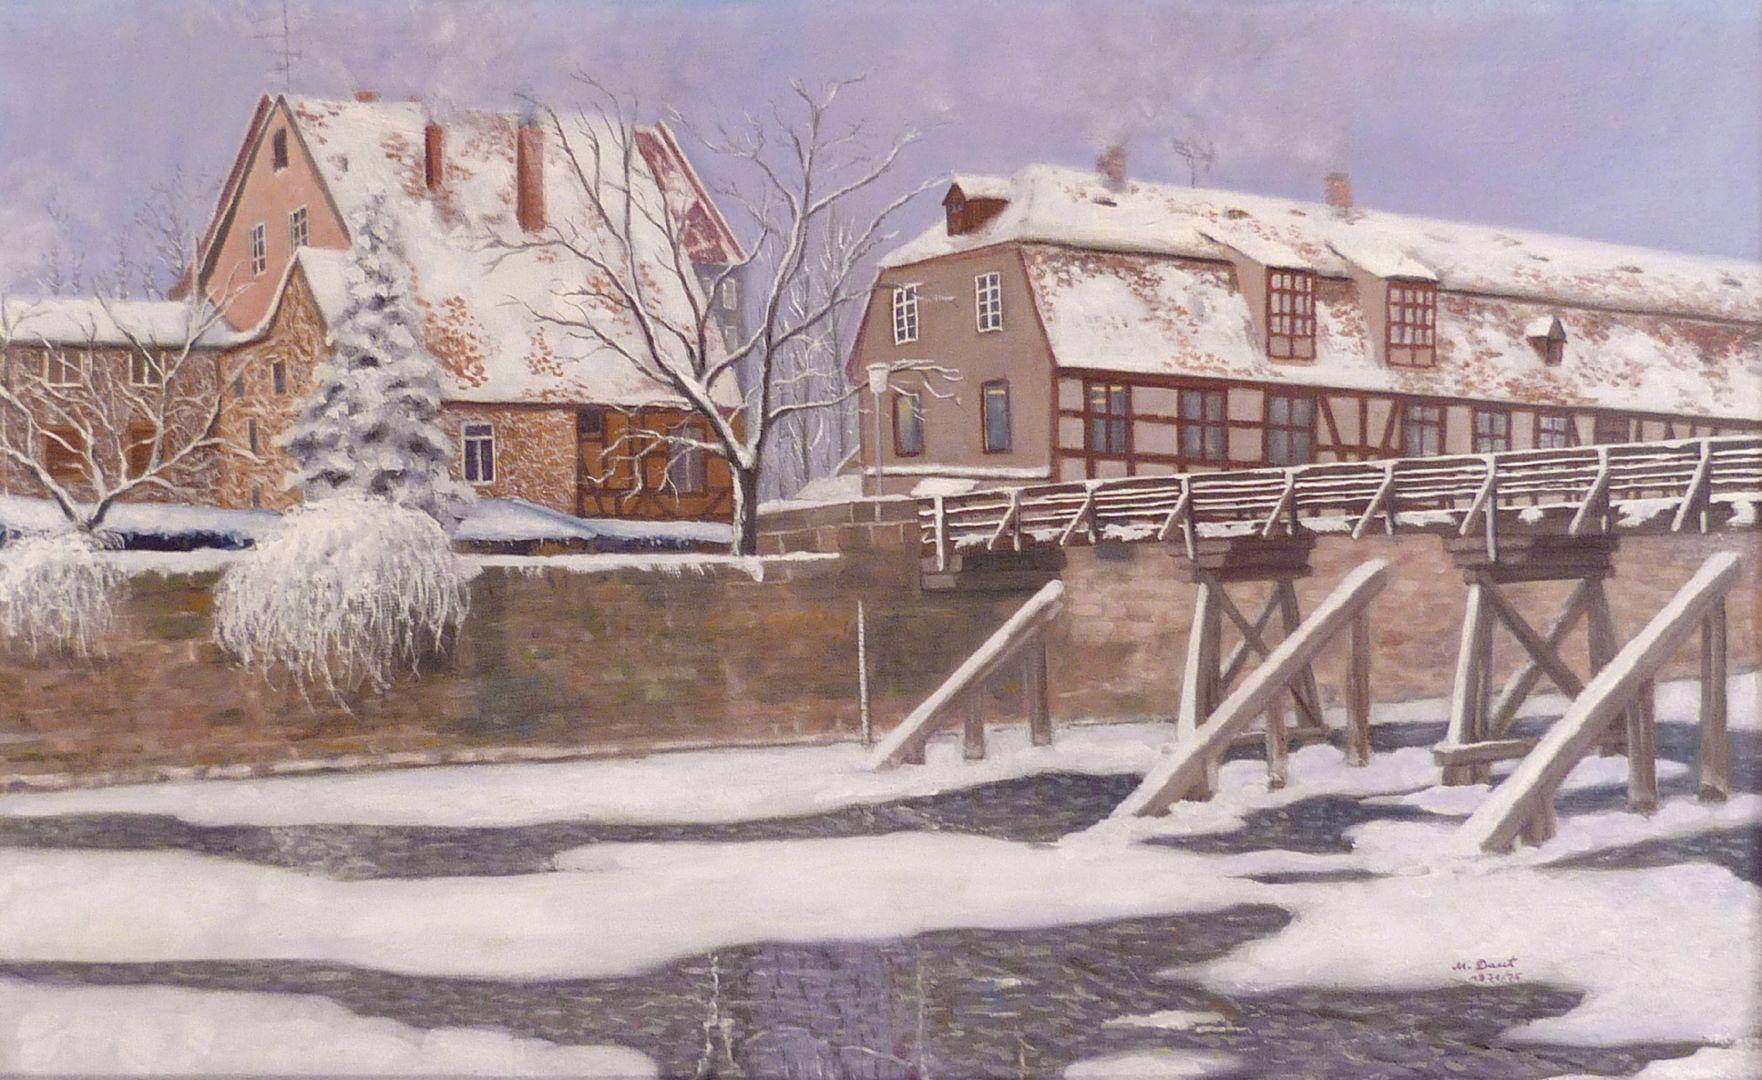 The Nuremberg Kleinweidenmühlsteg in winter